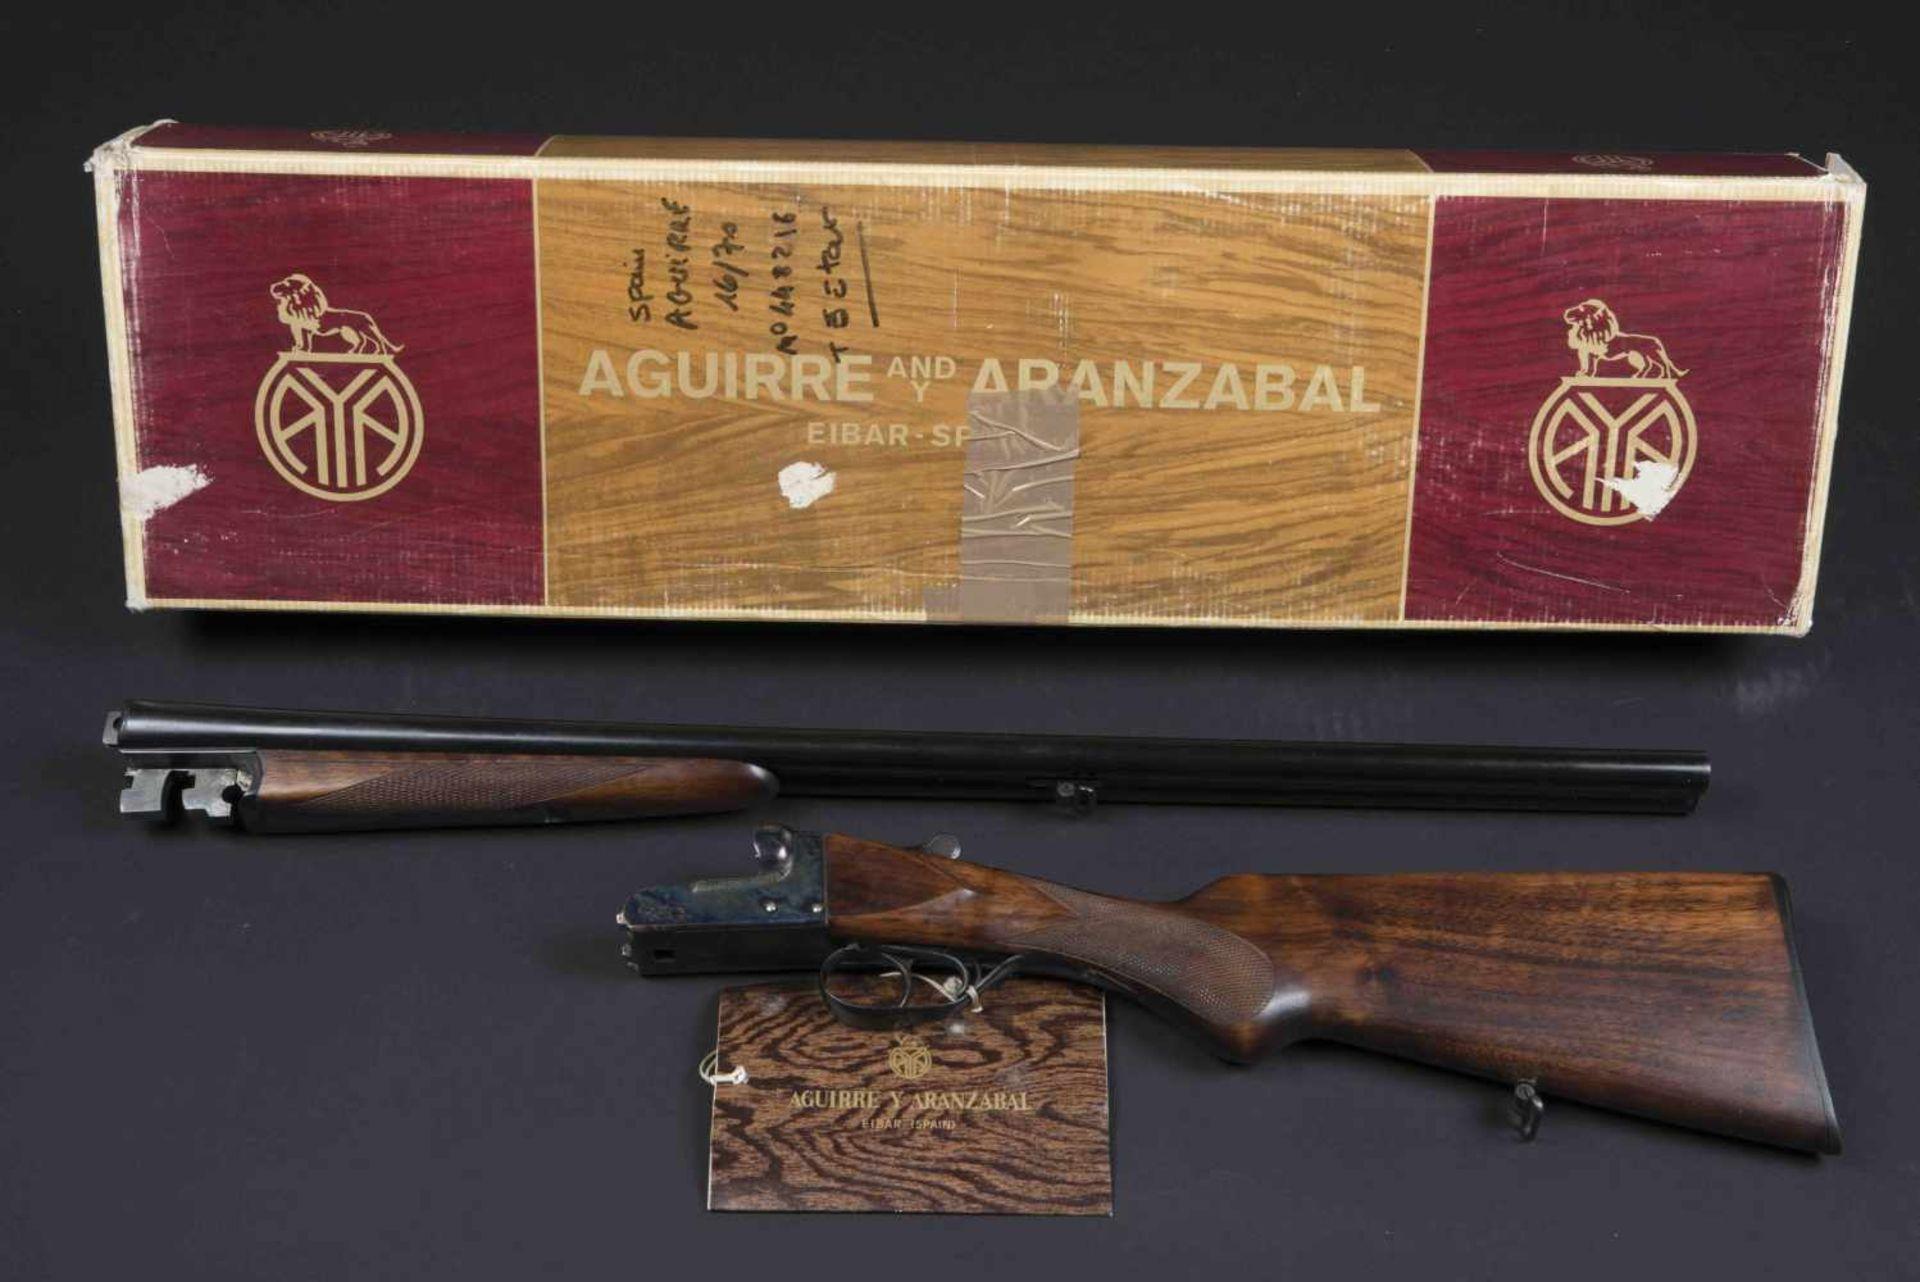 Fusil Spain Aguire Catégorie C Calibre 16/70, numéro 448216, dans sa boite d'origine jamais monté.